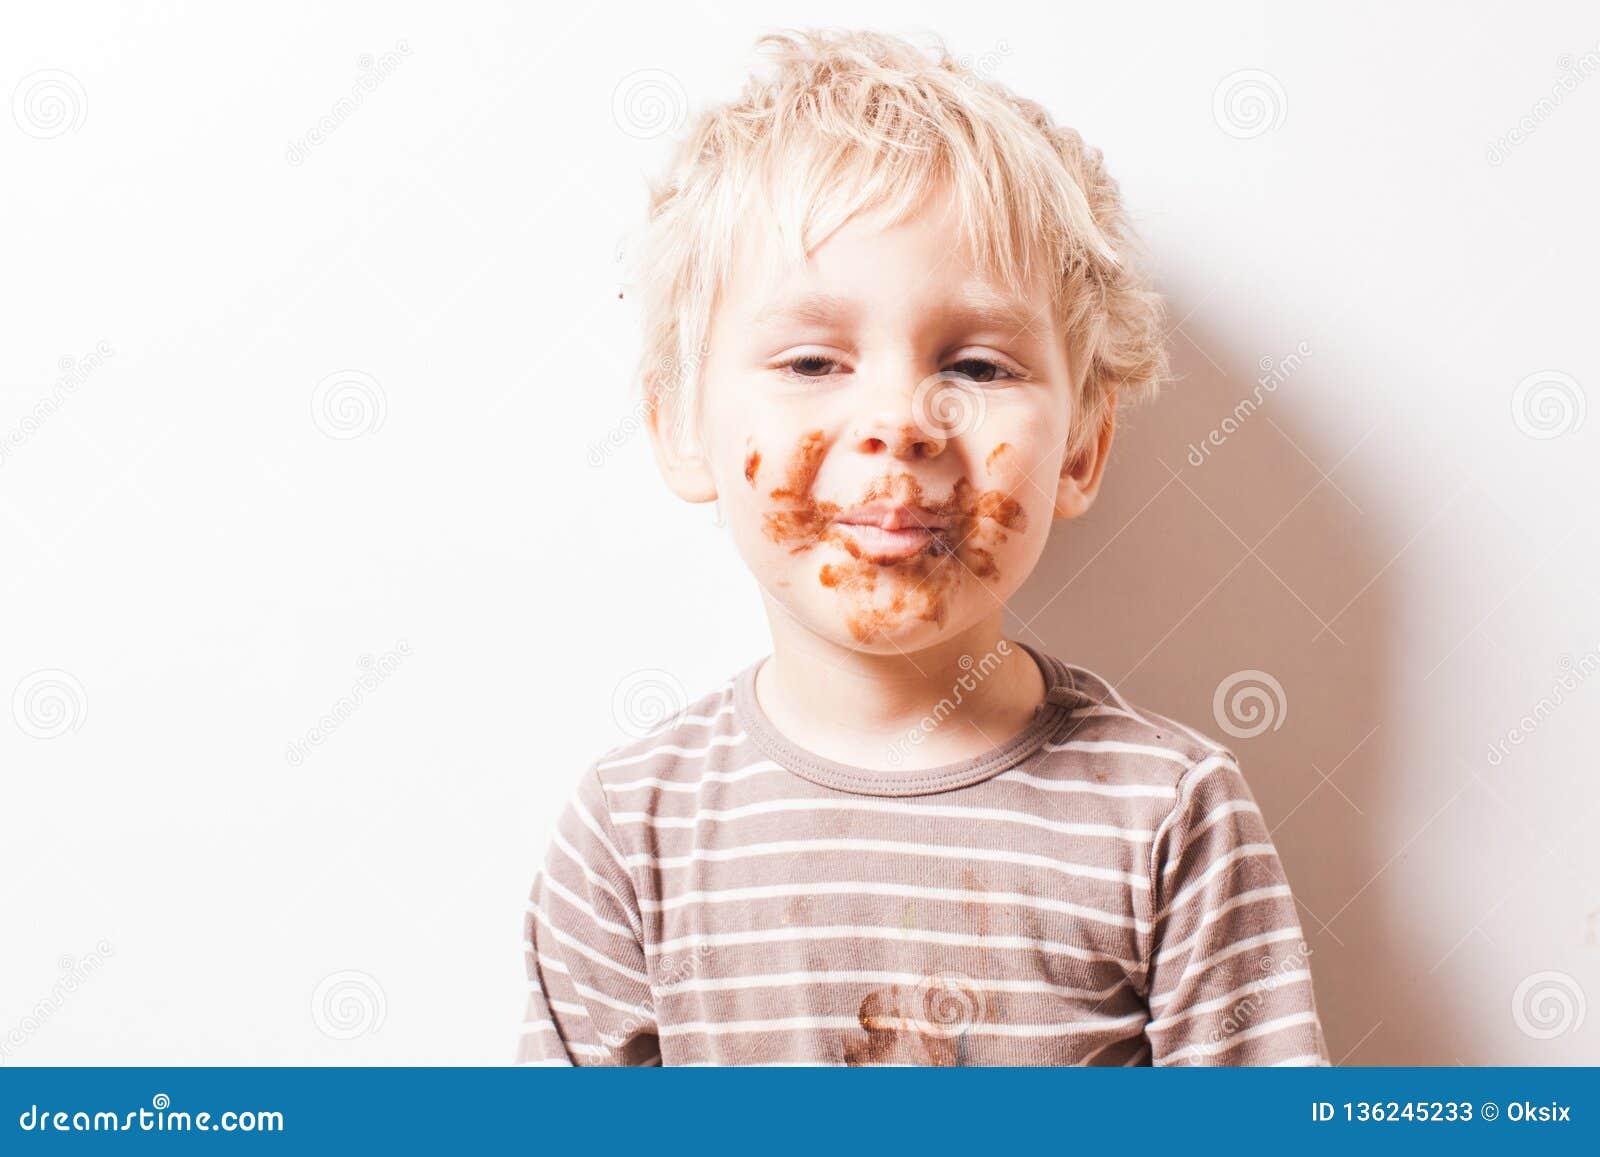 Junge eated Schokolade, lustiges schmutziges gelächeltes Gesicht